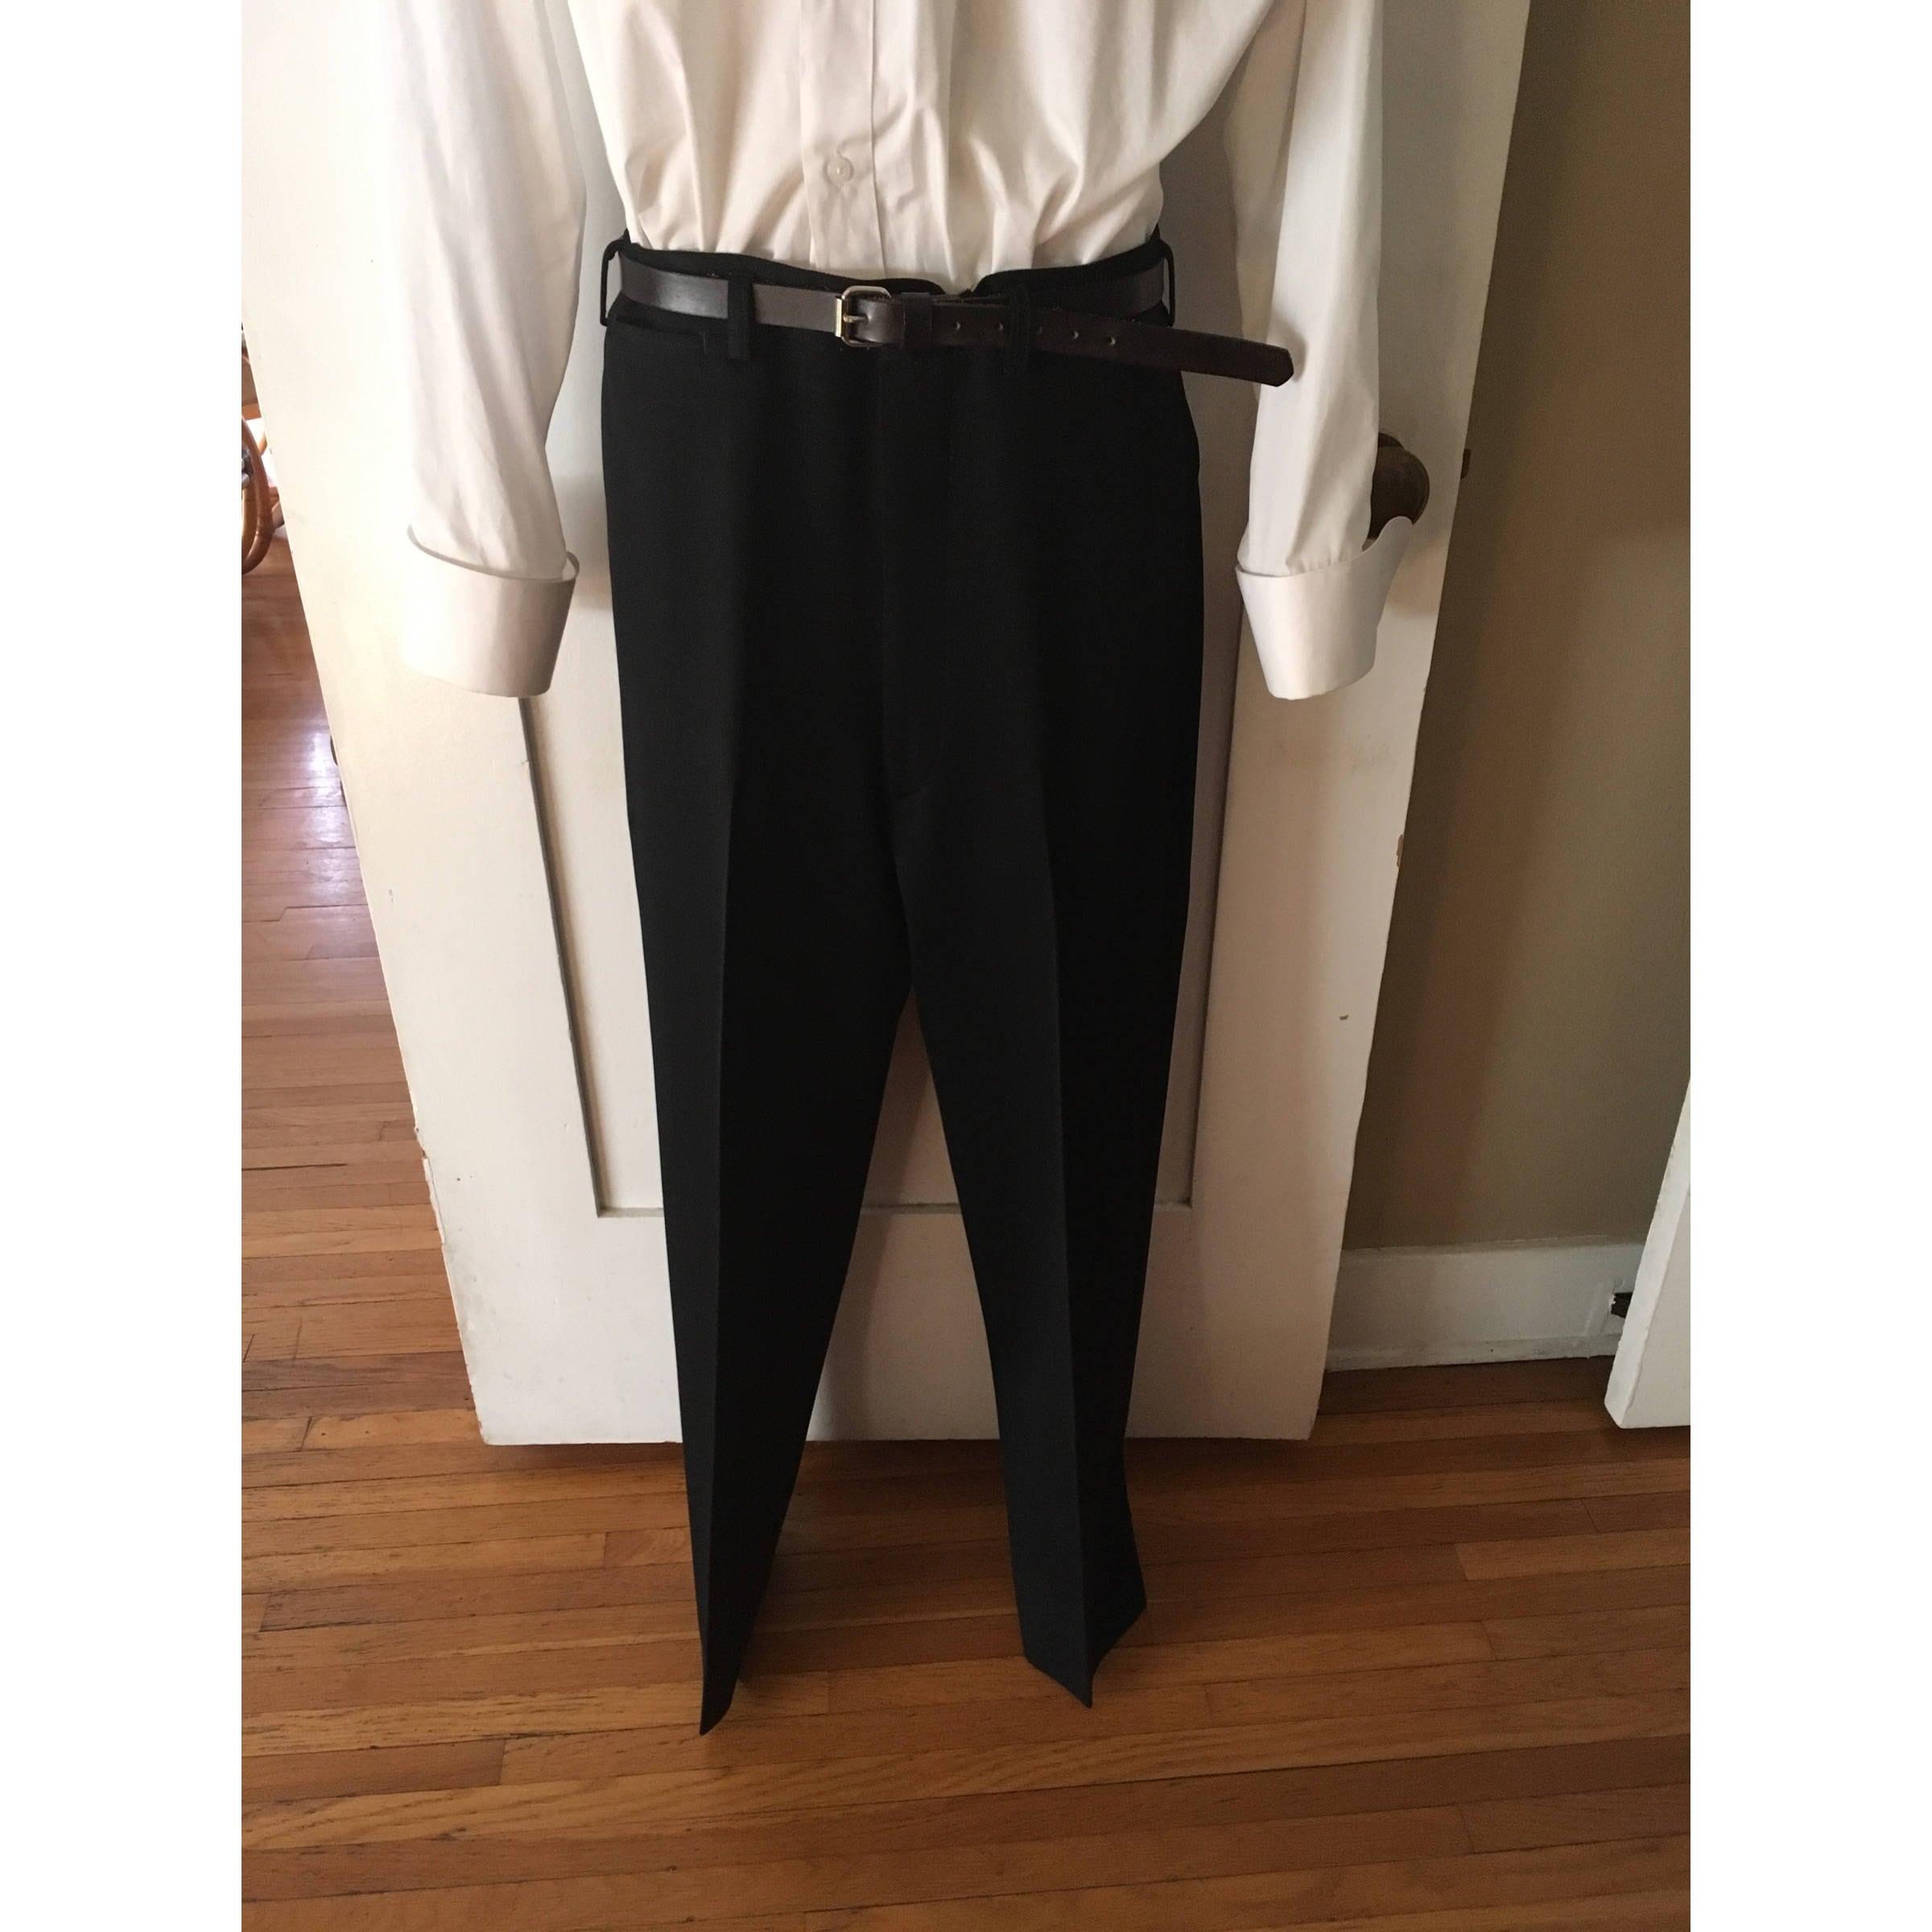 6ec4d704d Mens Dress Pants Suspenders